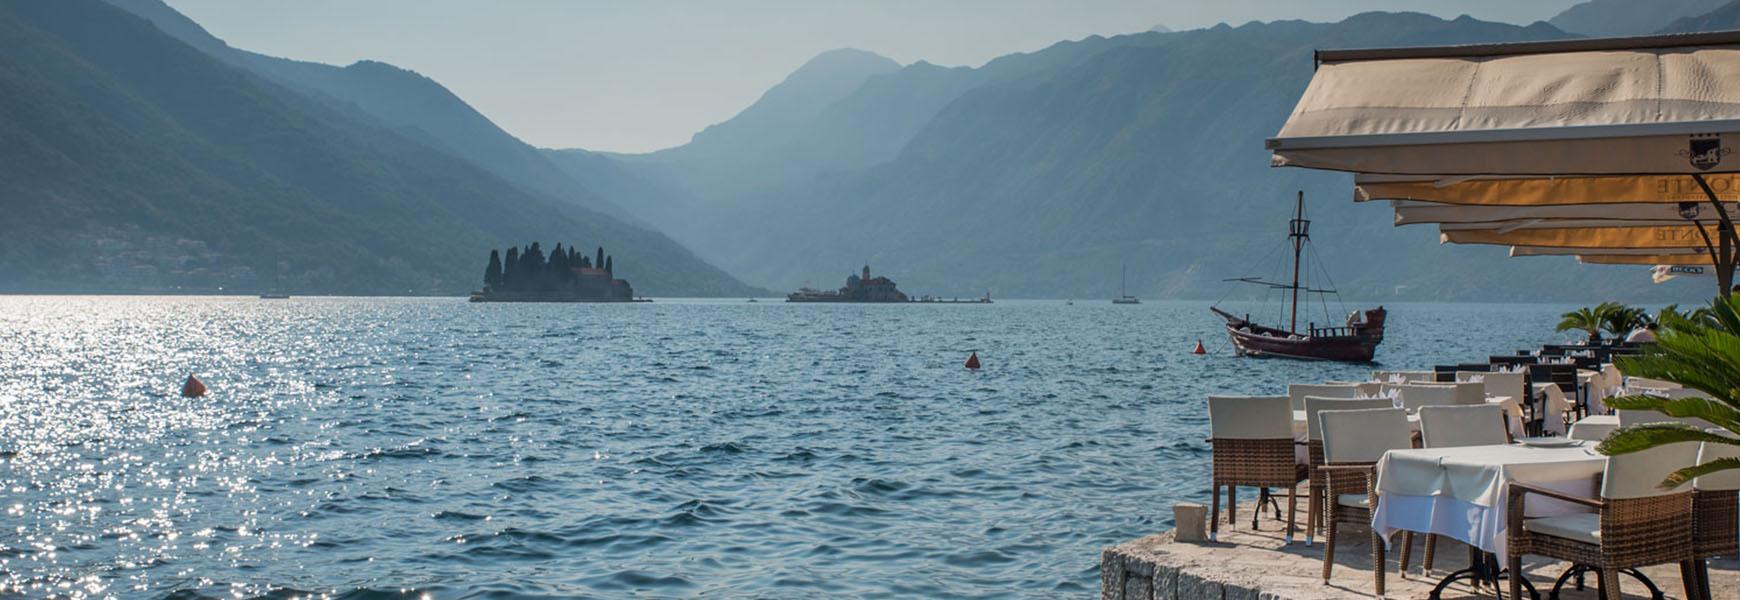 Beautiful Montenegro: The Best of the Balkans